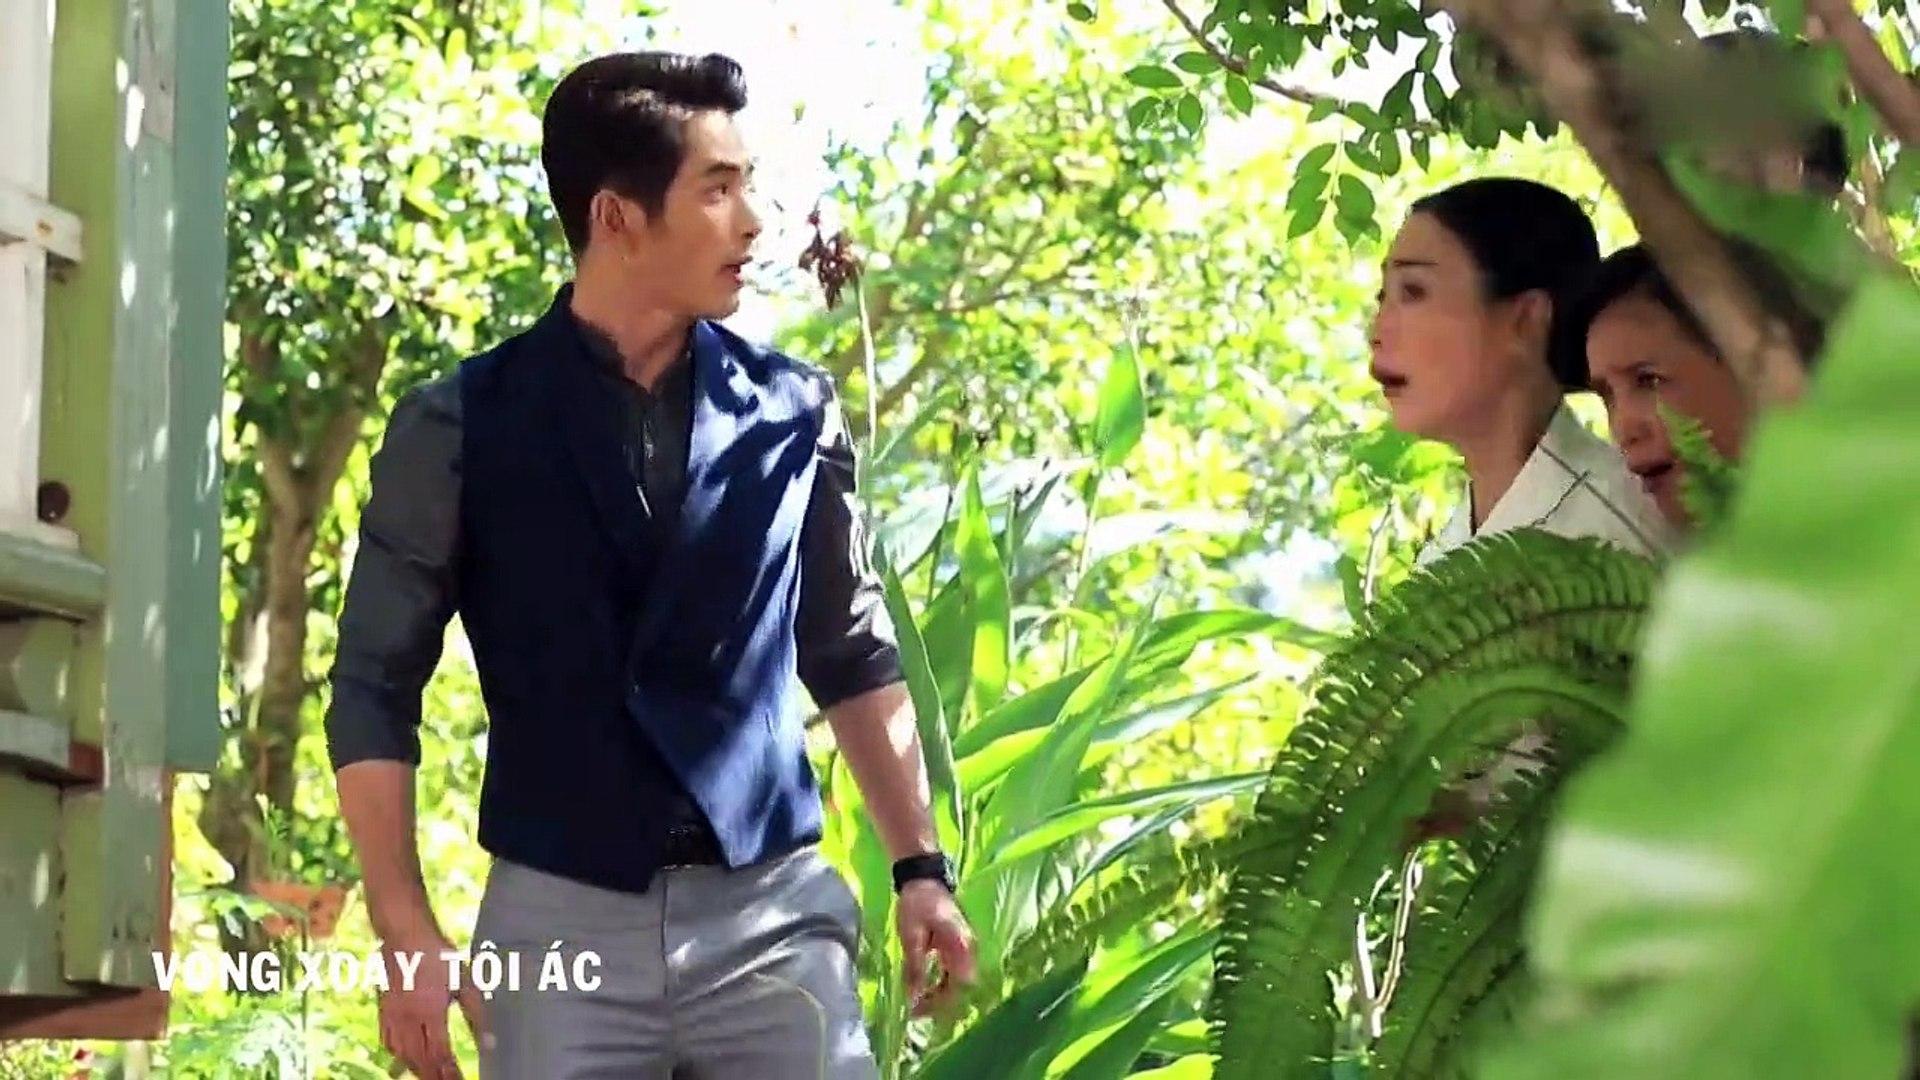 Vòng Xoáy Tội Ác Tập 8 - Phim Thái Lan Lồng Tiếng